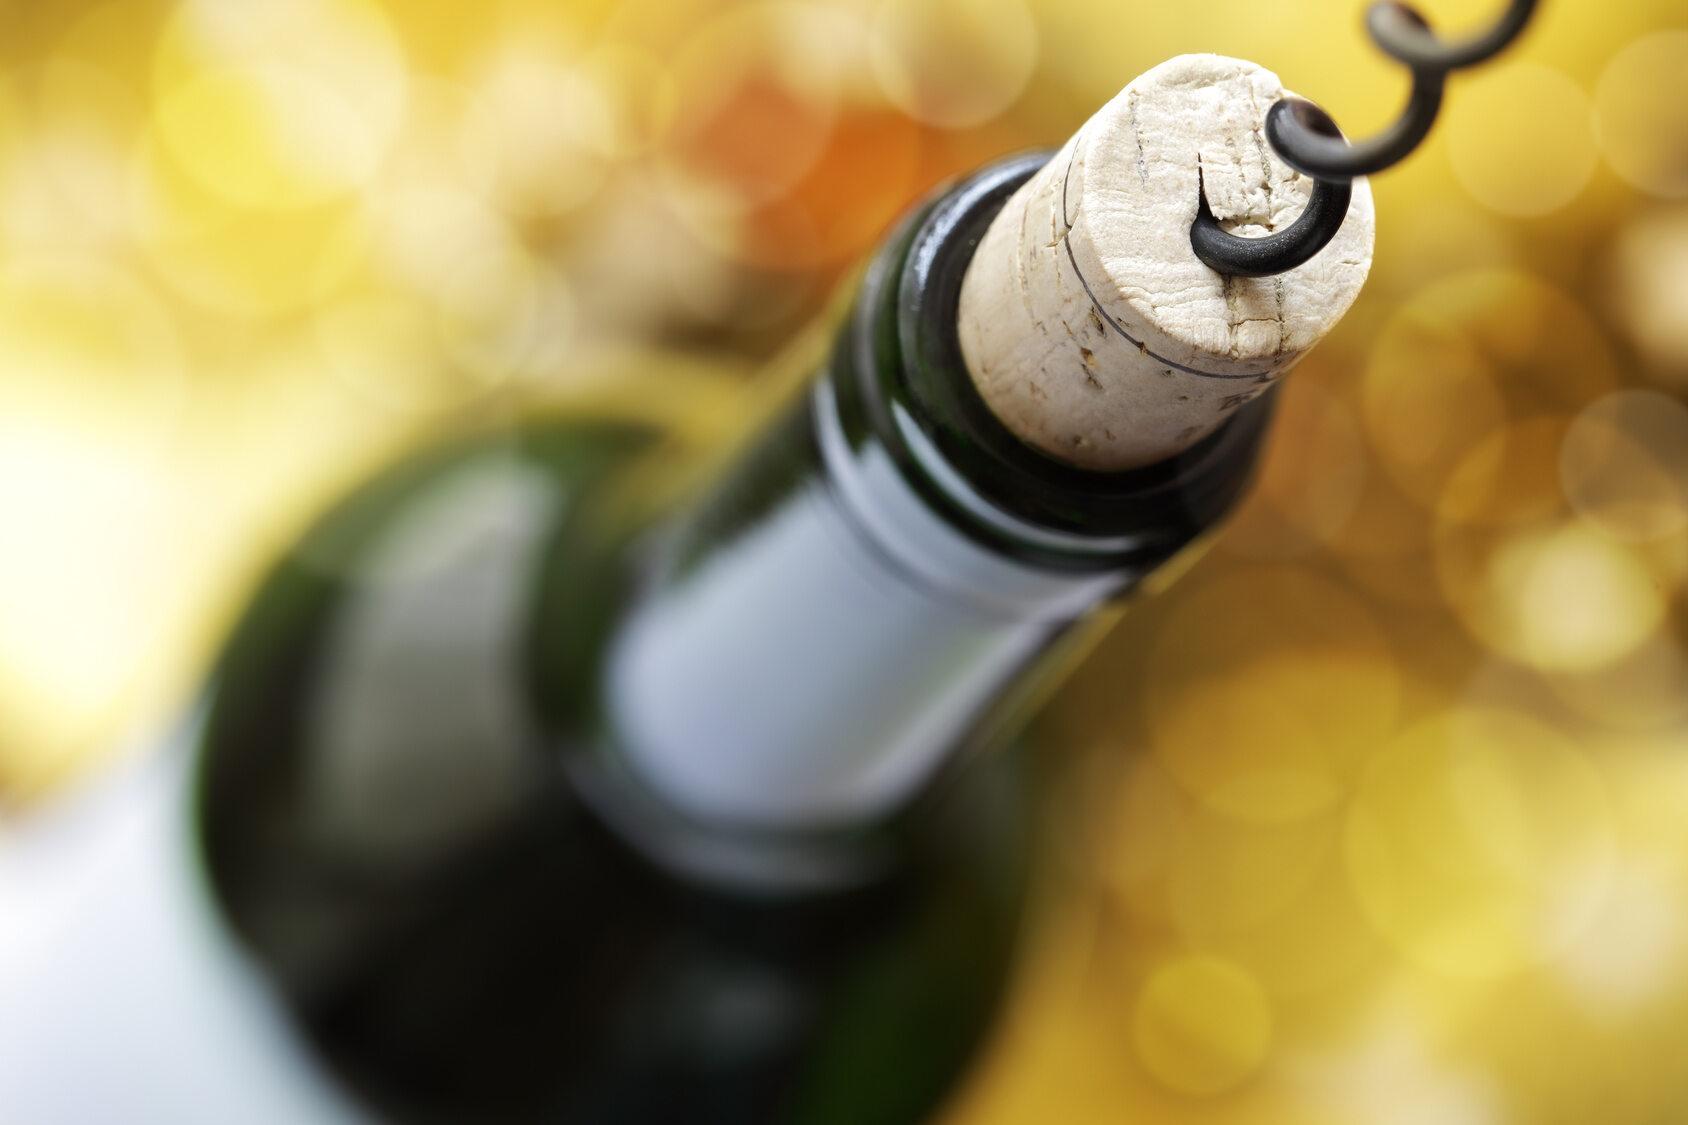 W której butelce wina (750 ml) będzie więcej kalorii?